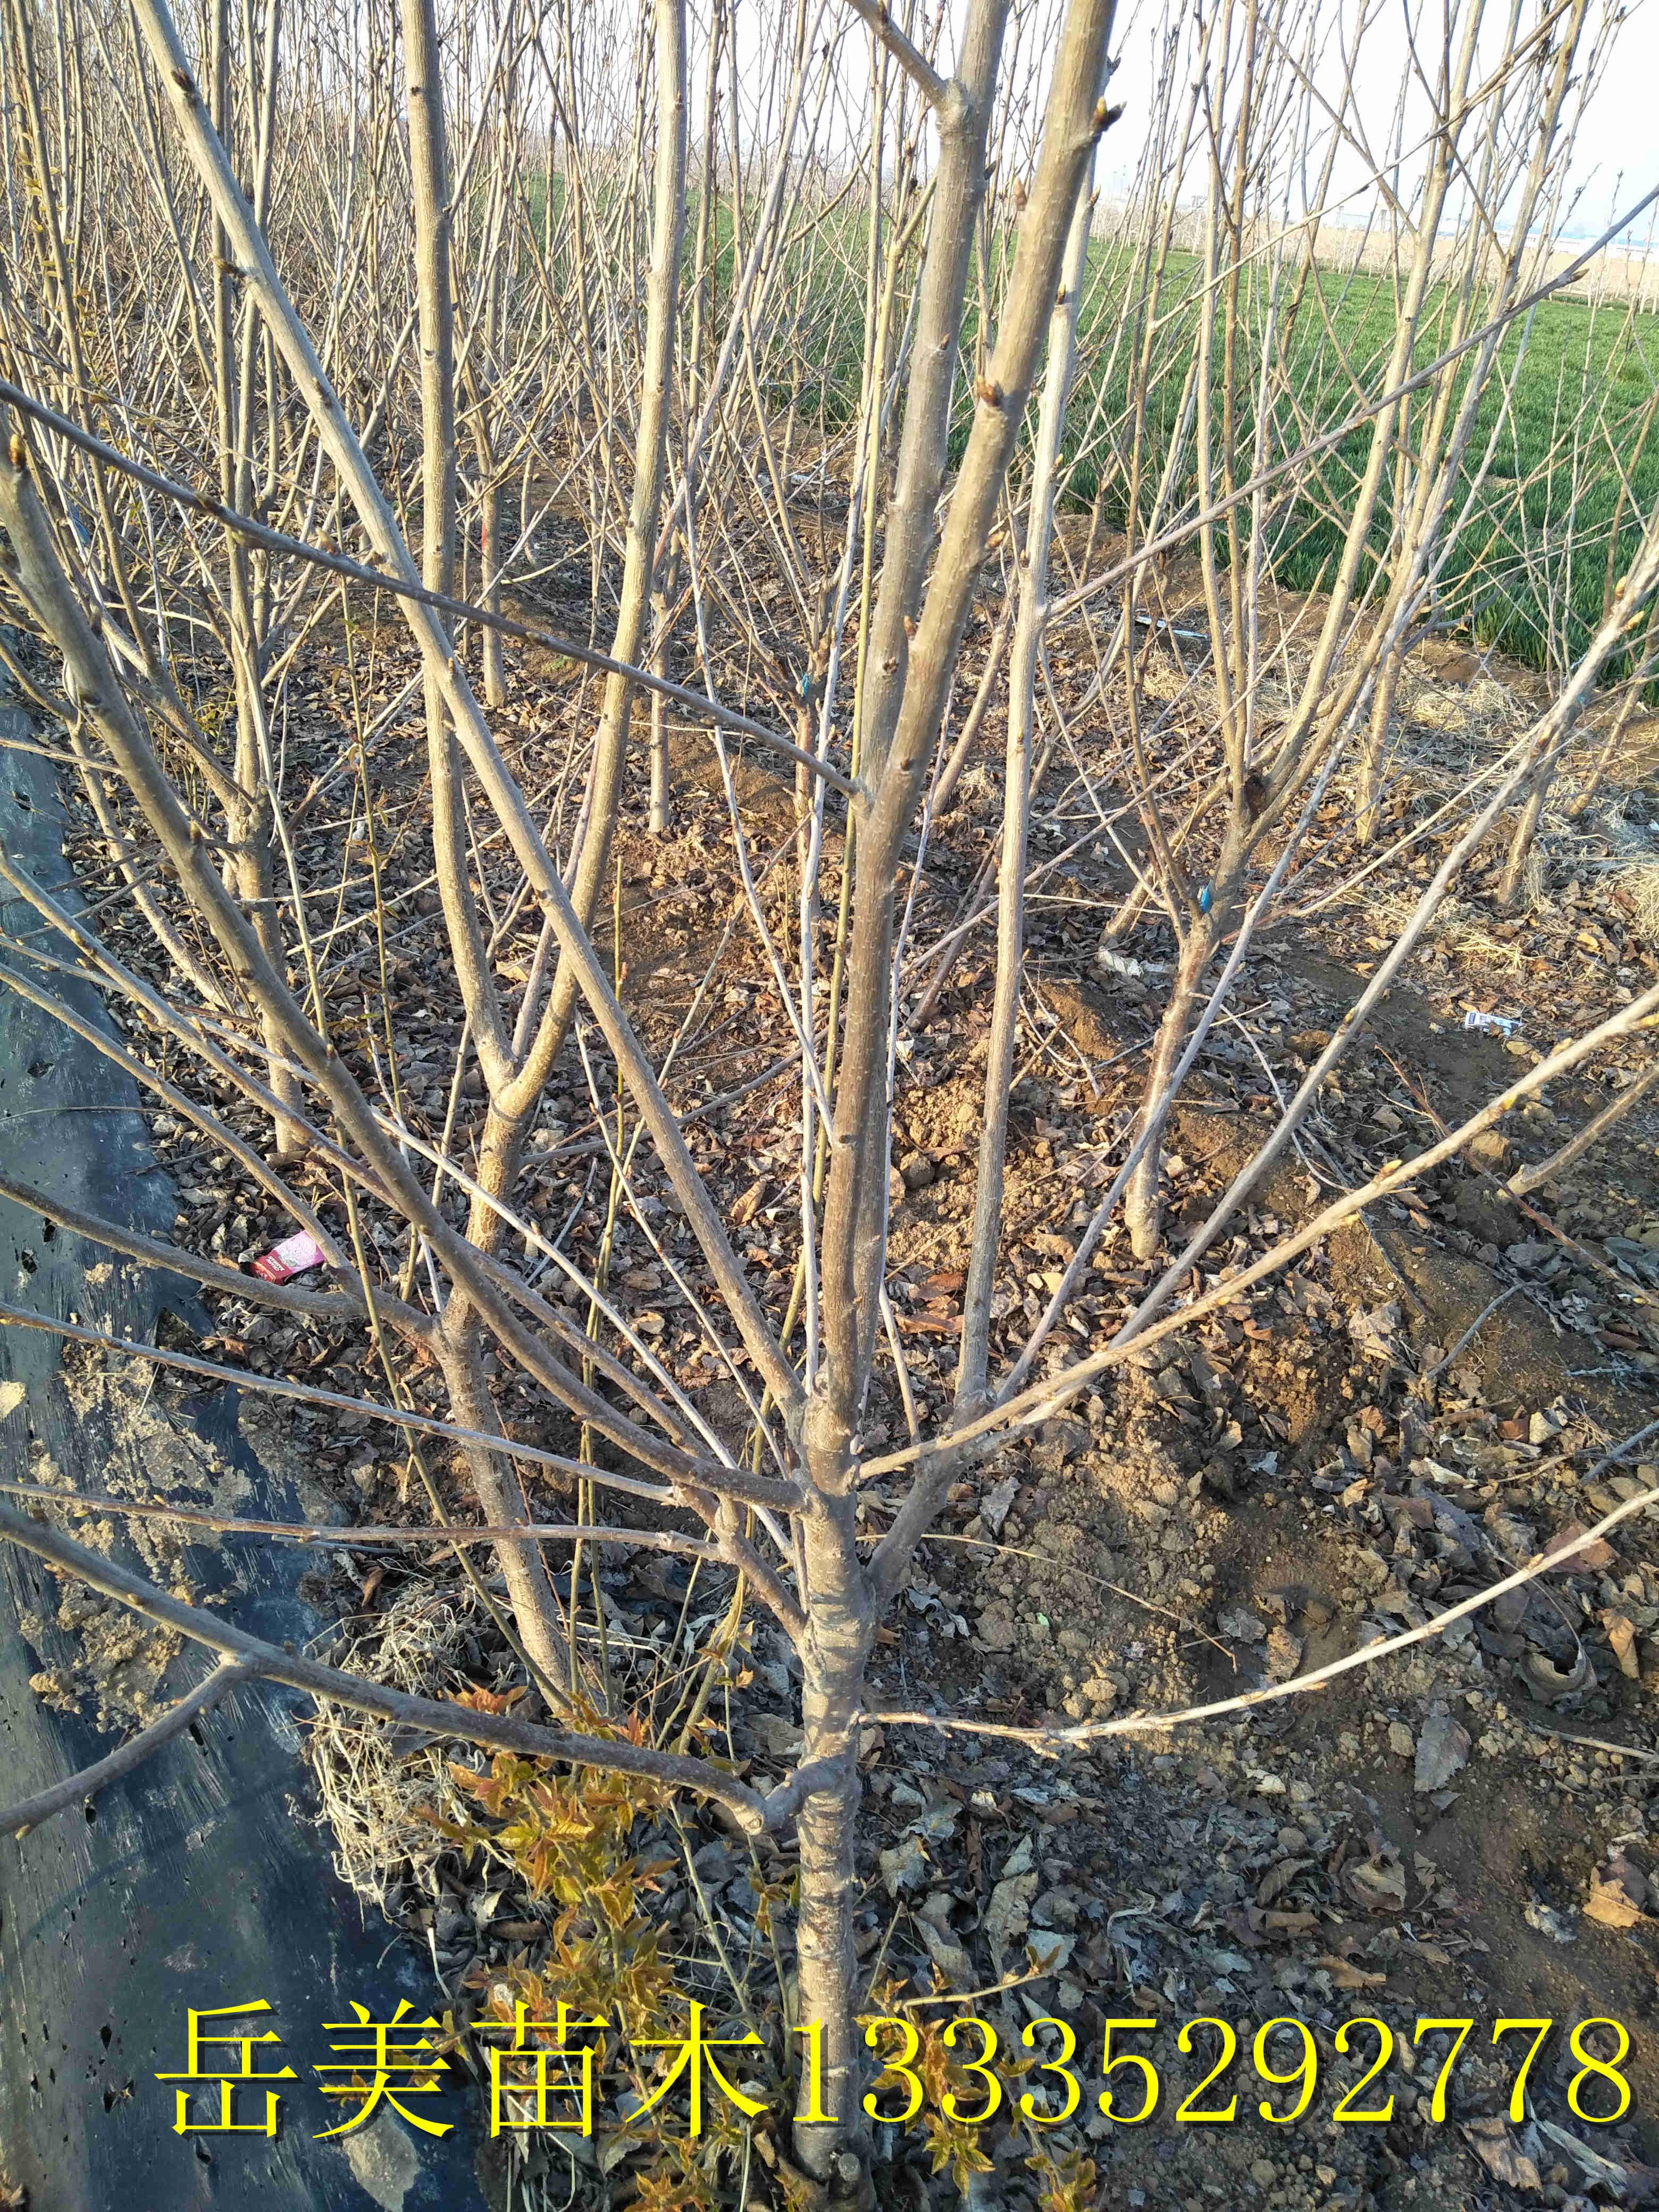 1公分2公分品种樱桃树苗哪里有卖樱桃小苗多少钱一棵